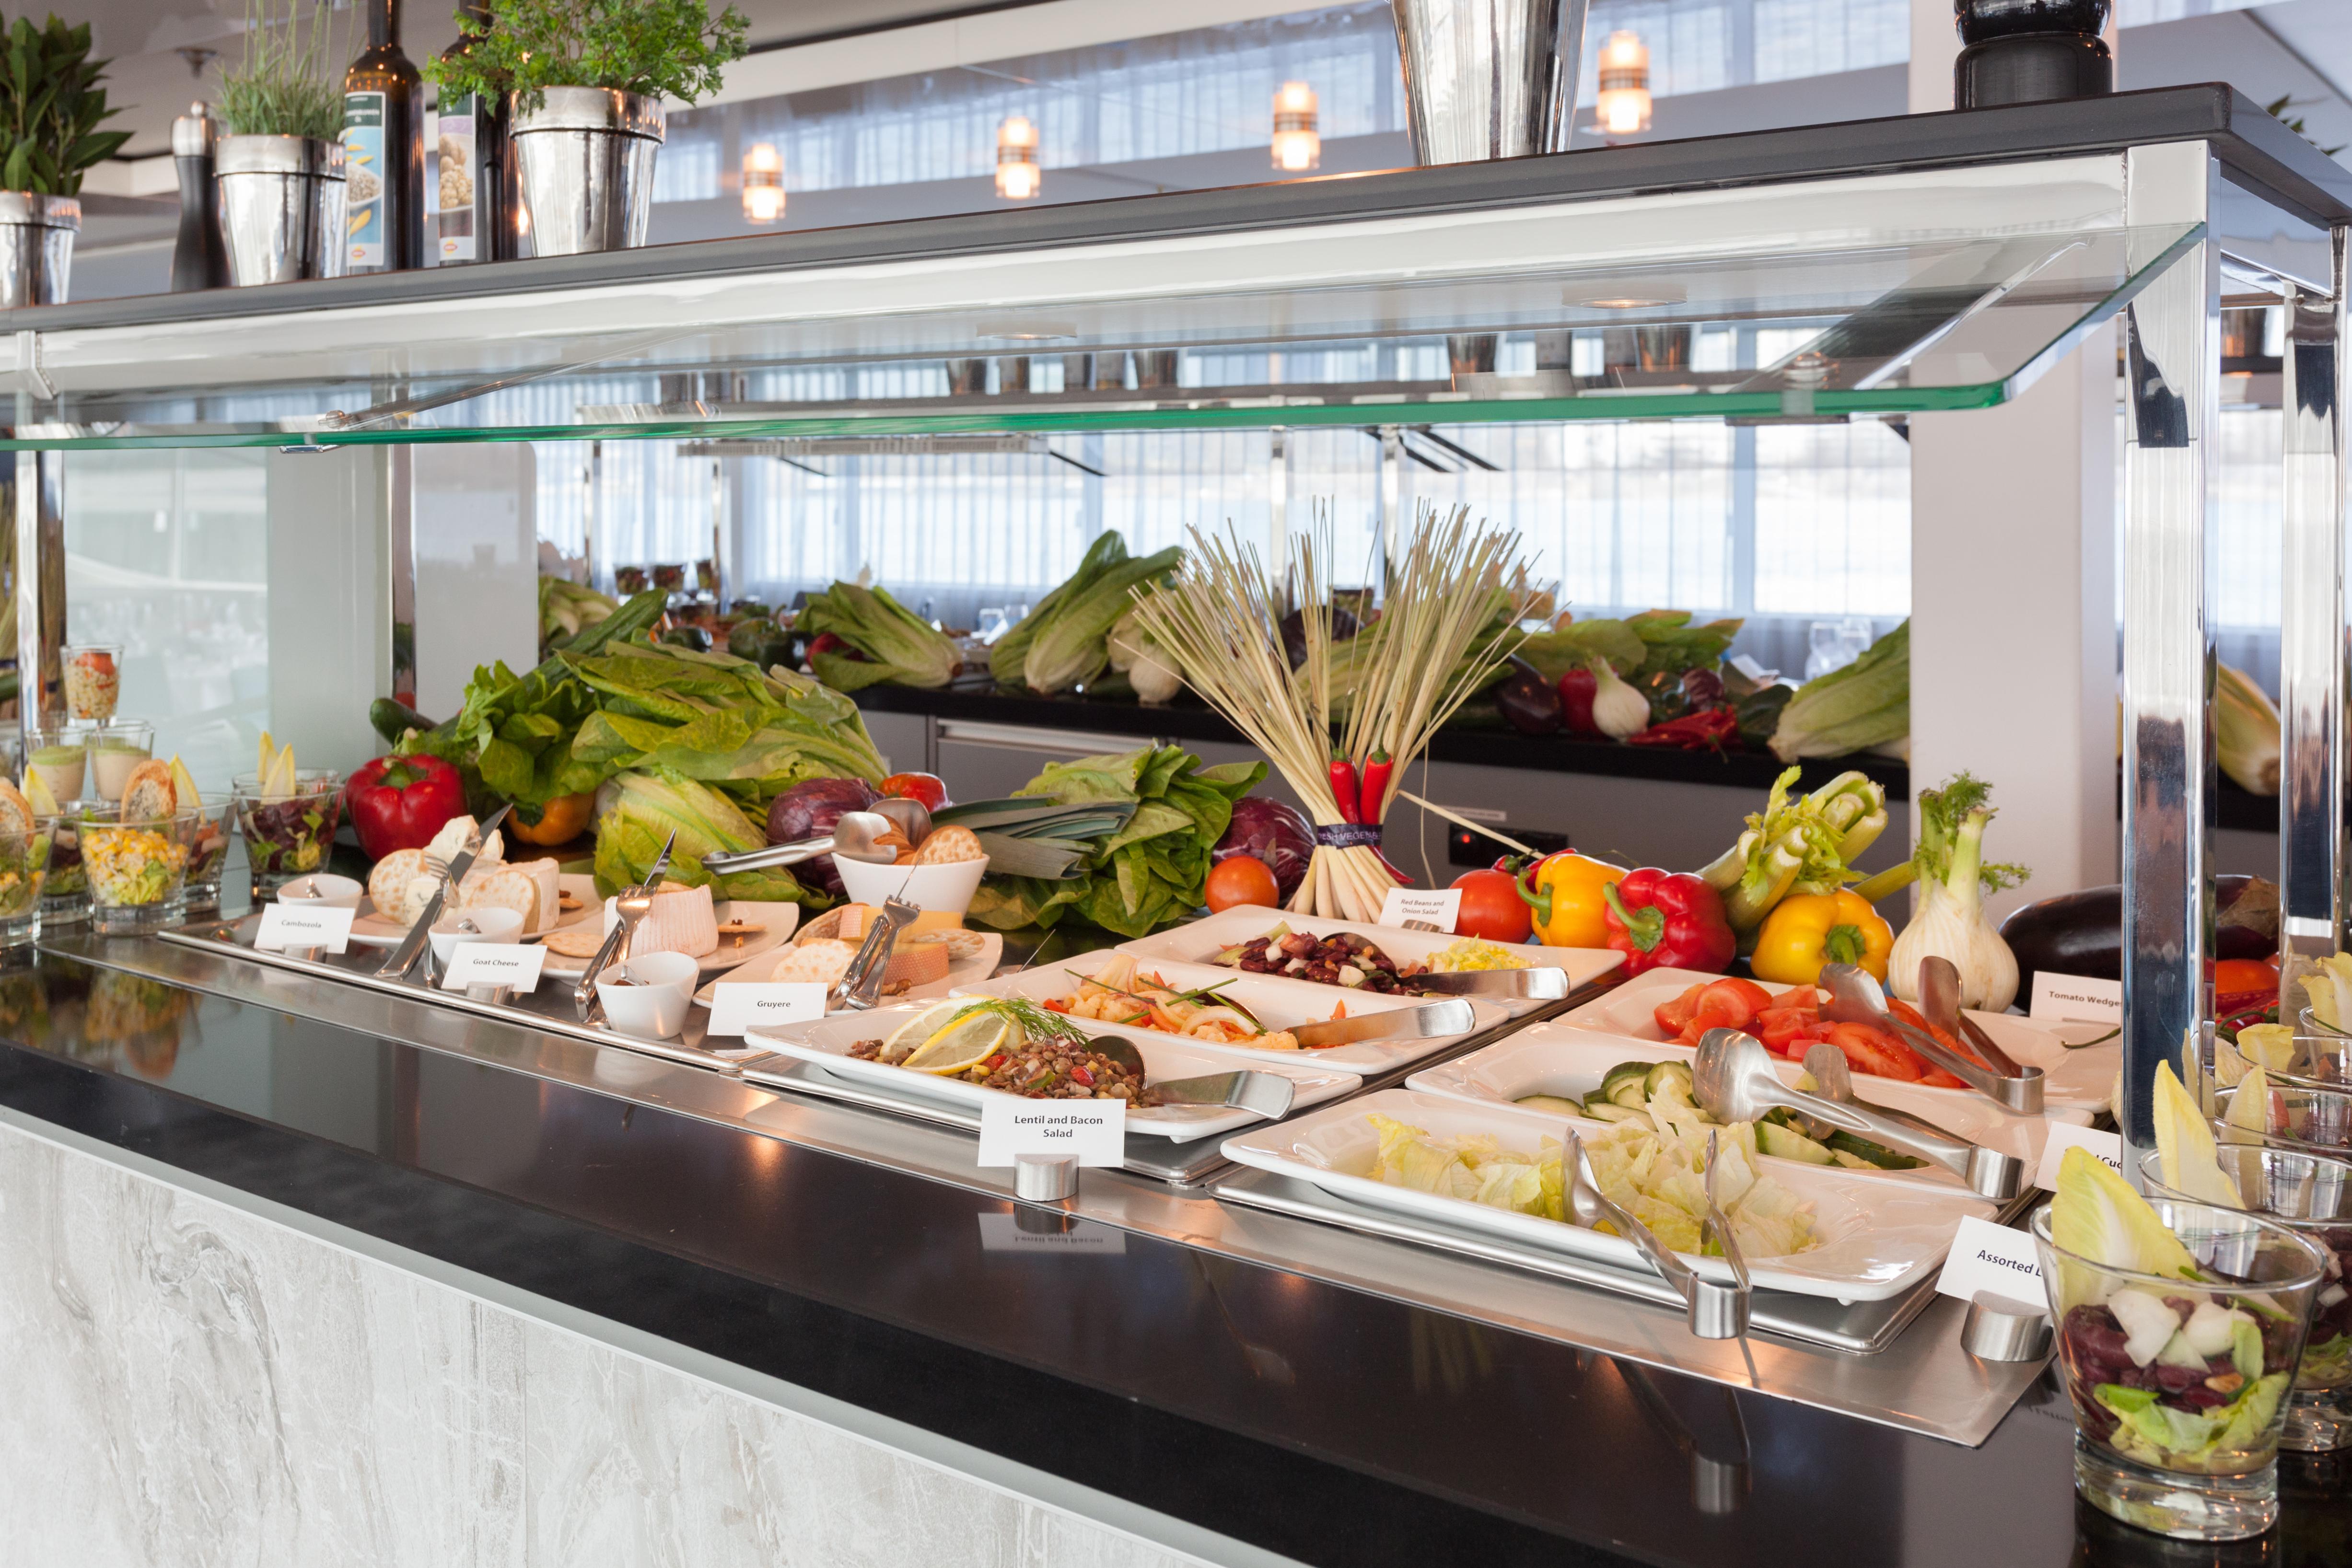 Scenic Sapphire Scenic Emerald Scenic Diamond Scenic Ruby Scenic Pearl Interior Dining Room 2.jpg